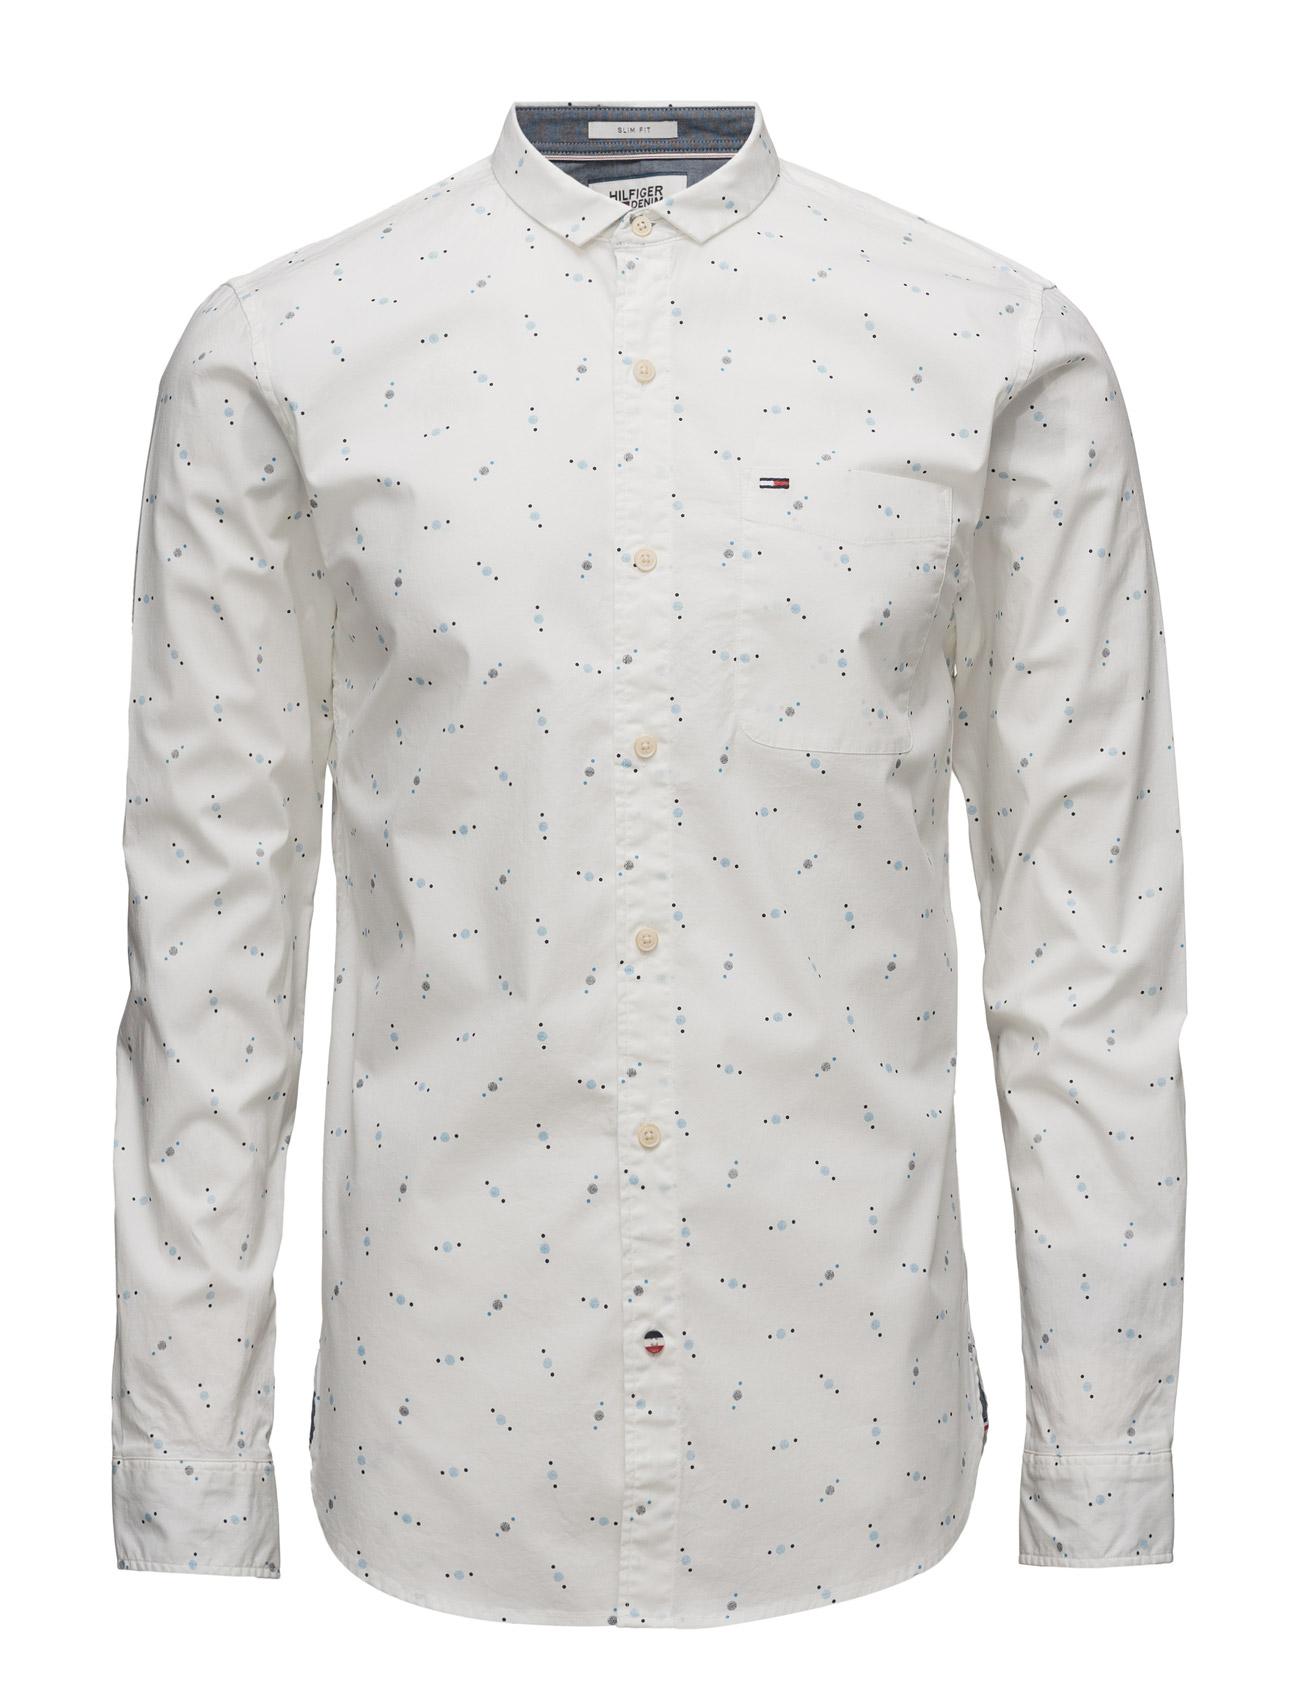 Thdm Sl Printed Shirt L/S 18 Hilfiger Denim Casual sko til Herrer i hvid